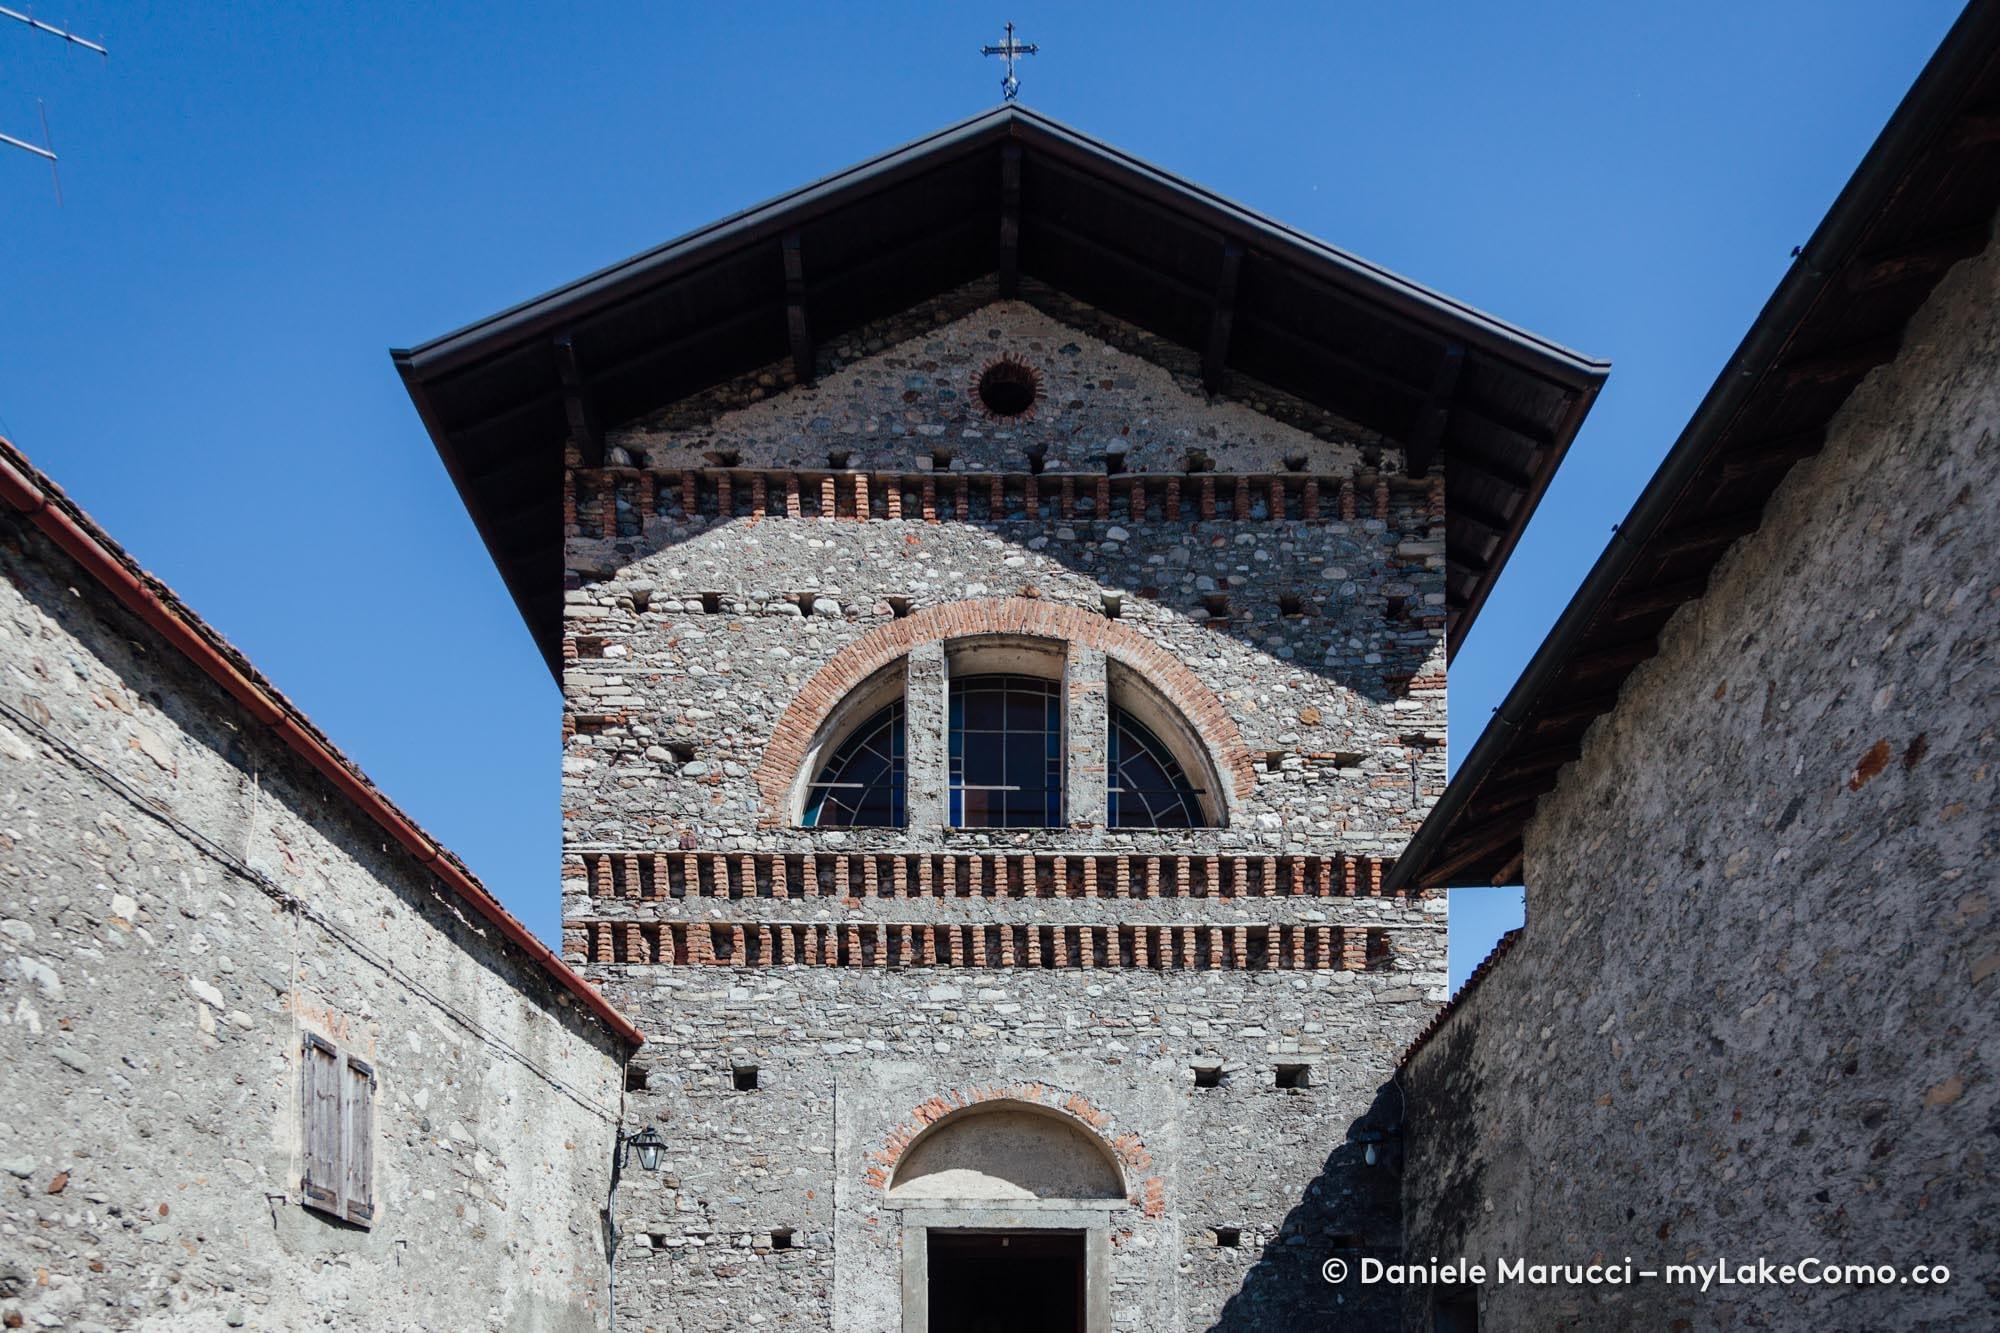 Chiesa di San Carlo - Menaggio